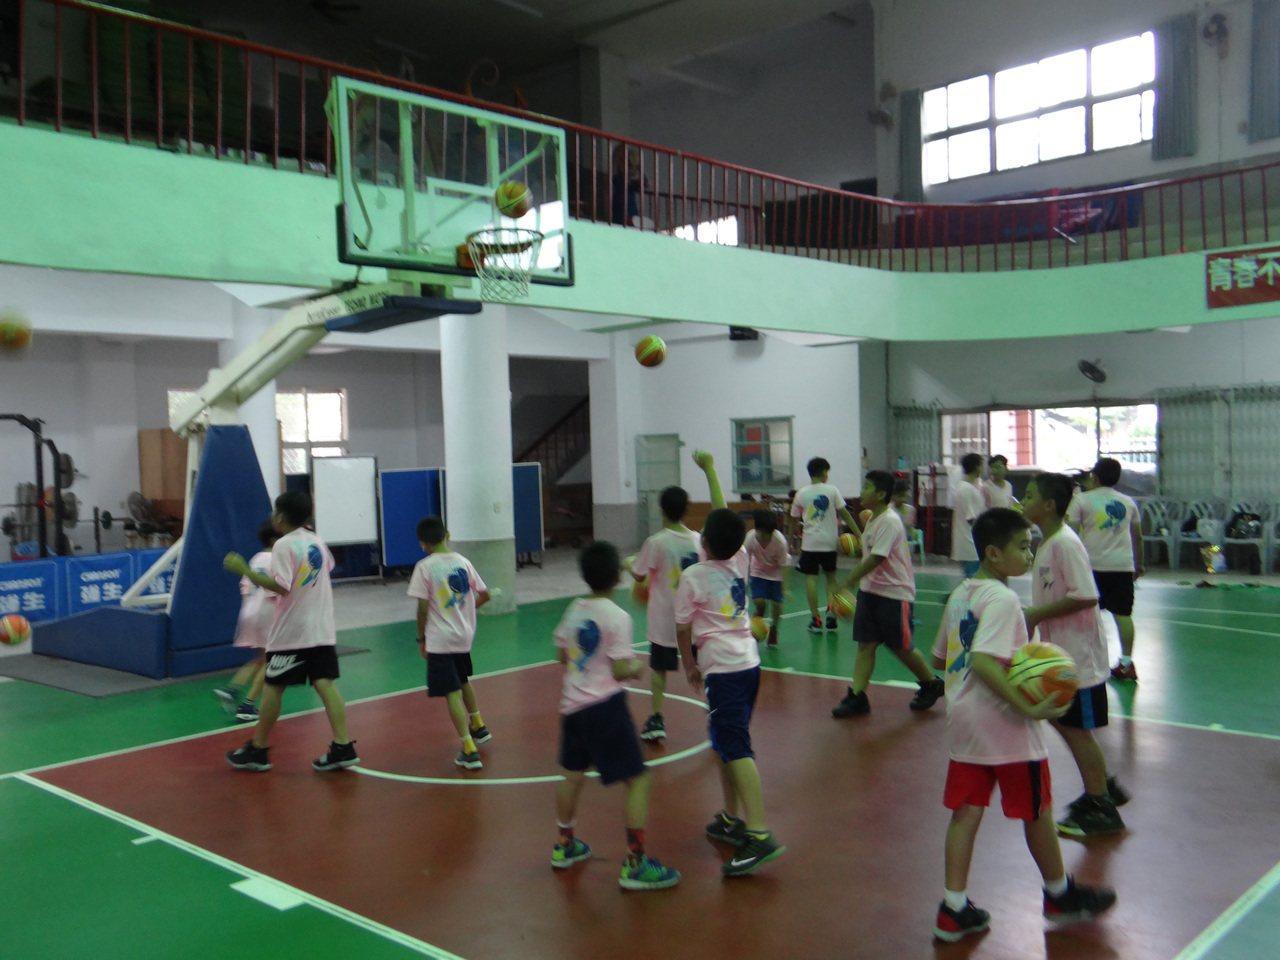 小朋友快樂地和明星球員一起練球。記者蔡維斌/攝影